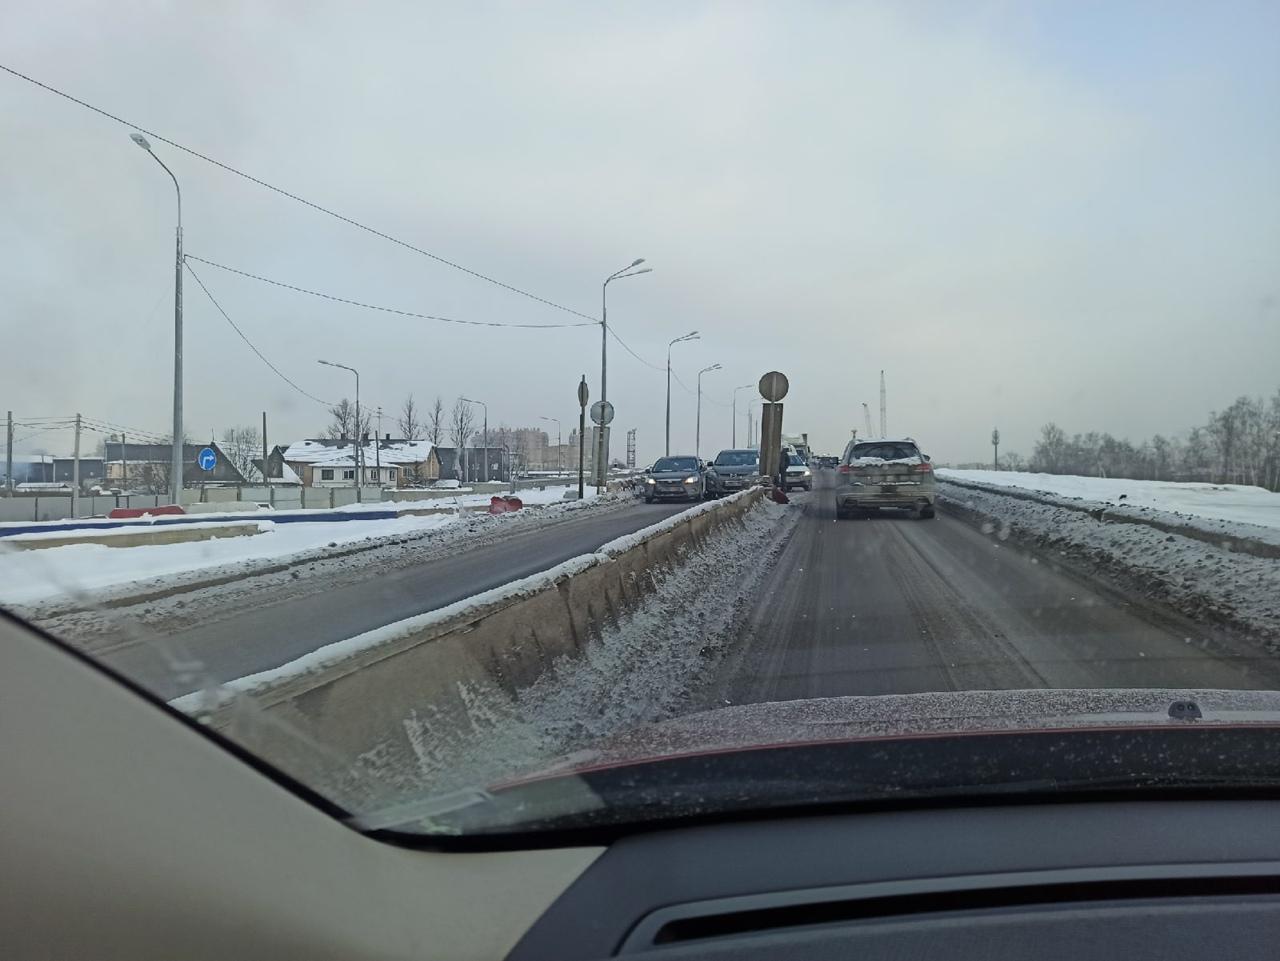 Mazda и Ford заблокировали съезд с Лиговского путепровода на Таллинском шоссе, в сторону Ленты.